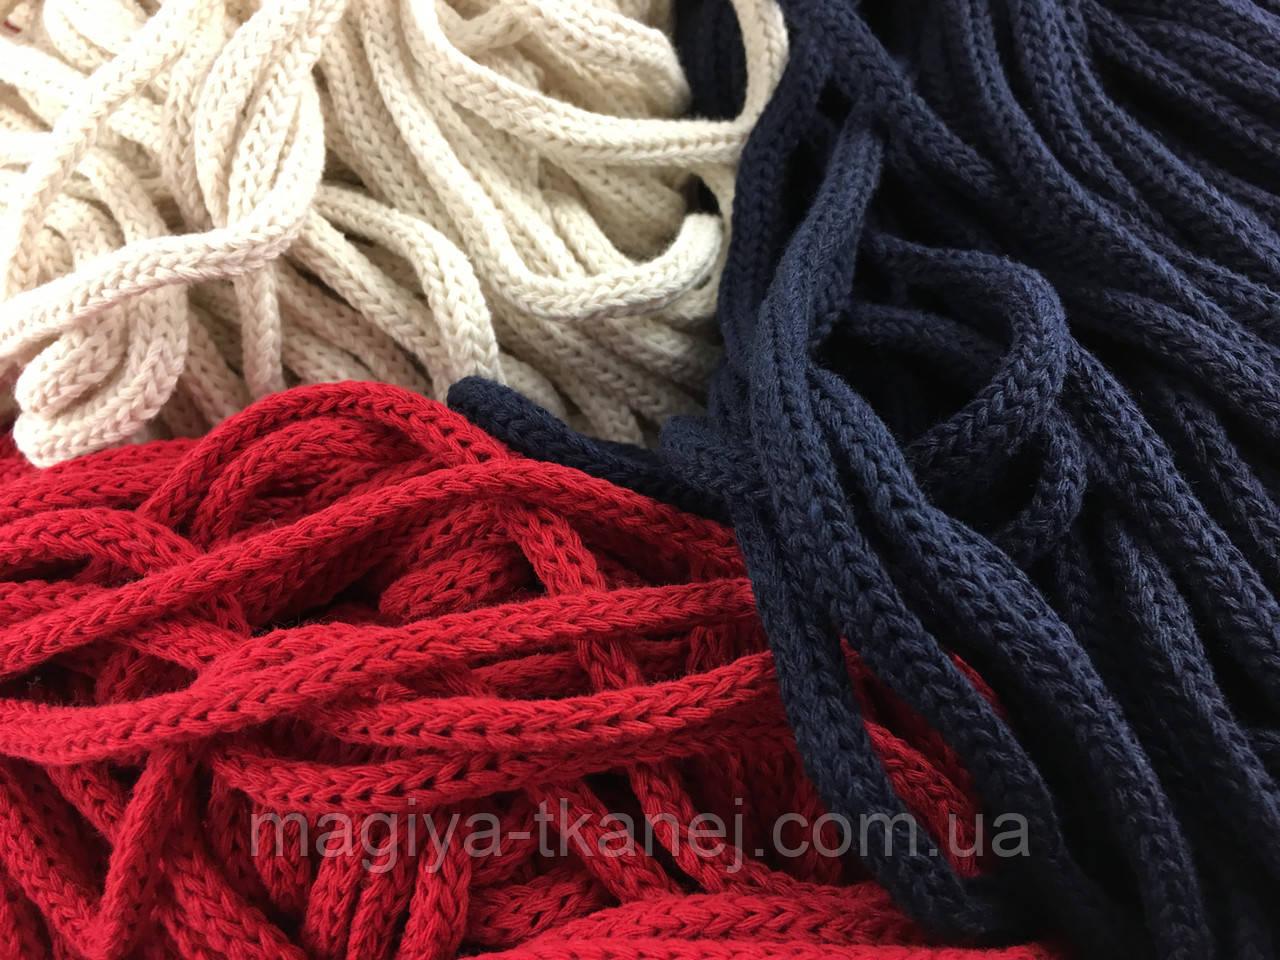 Шнур круглый 5 мм в разных цветах